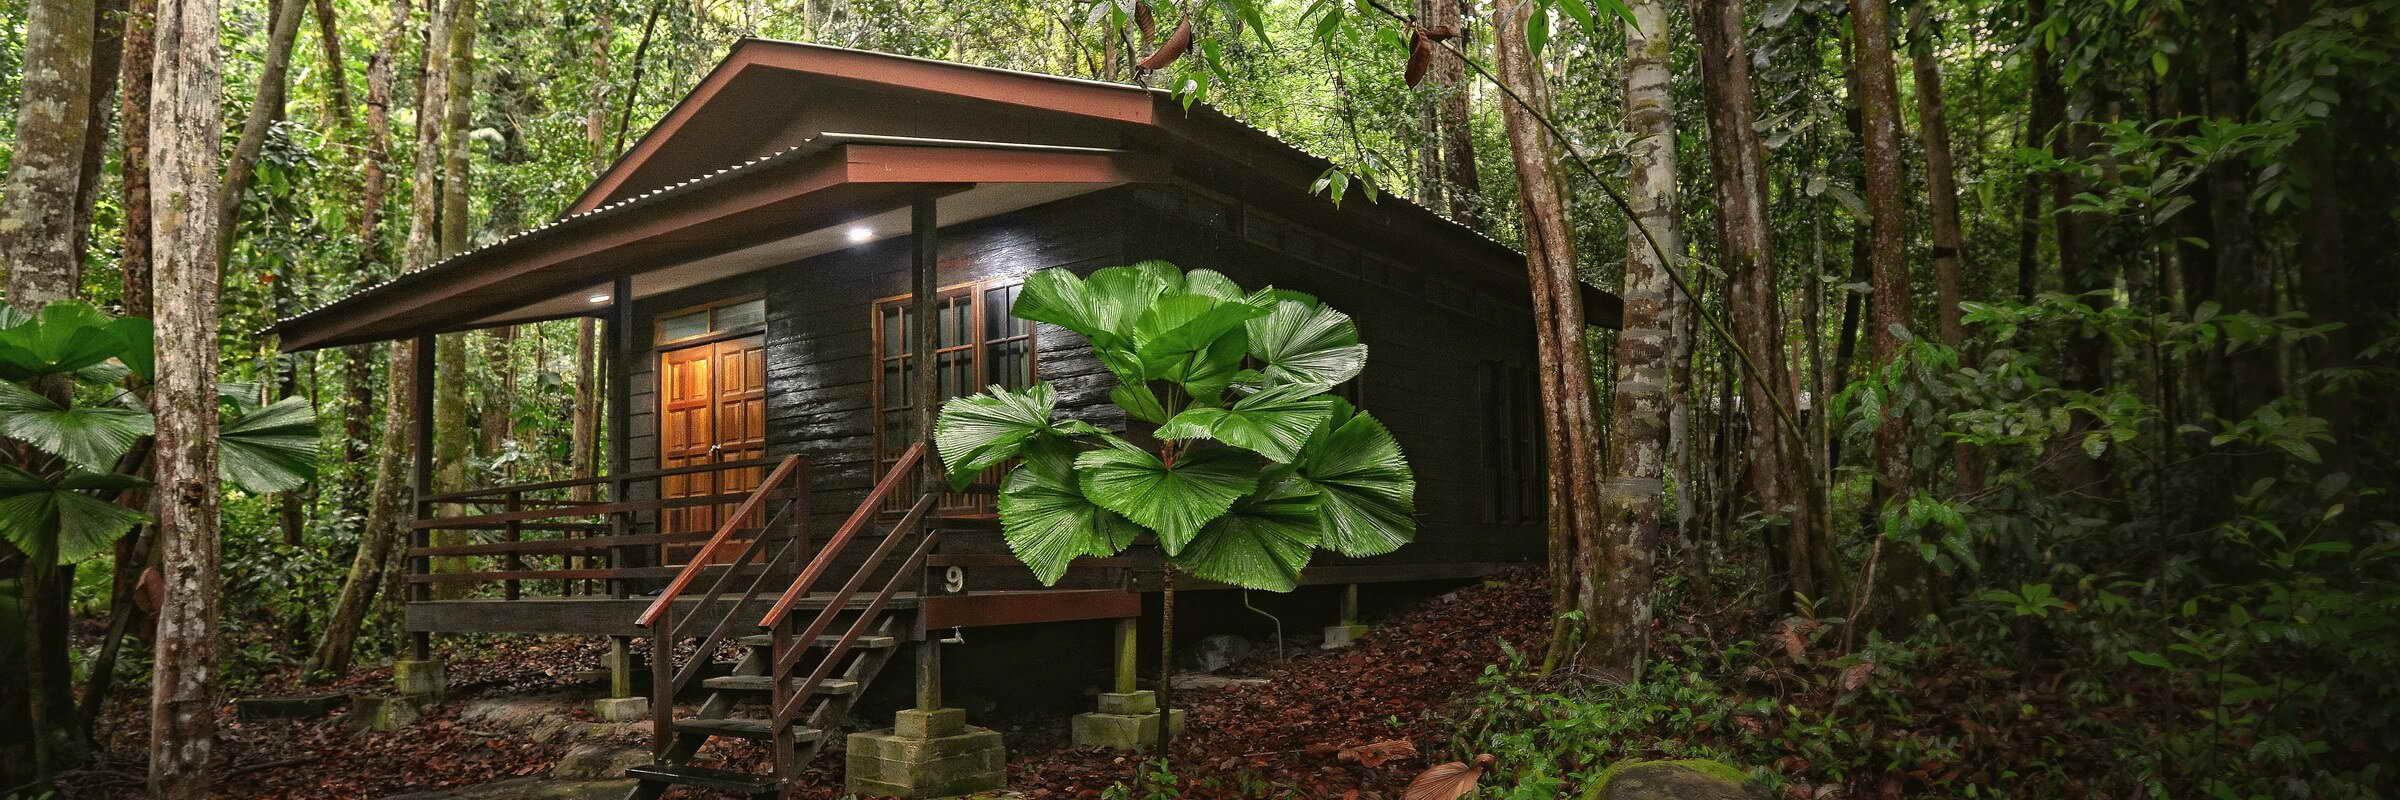 Aussenansicht der idyllisch gelegenenen Cabins inmitten des Regenwaldes im Permai Rainforest Resort